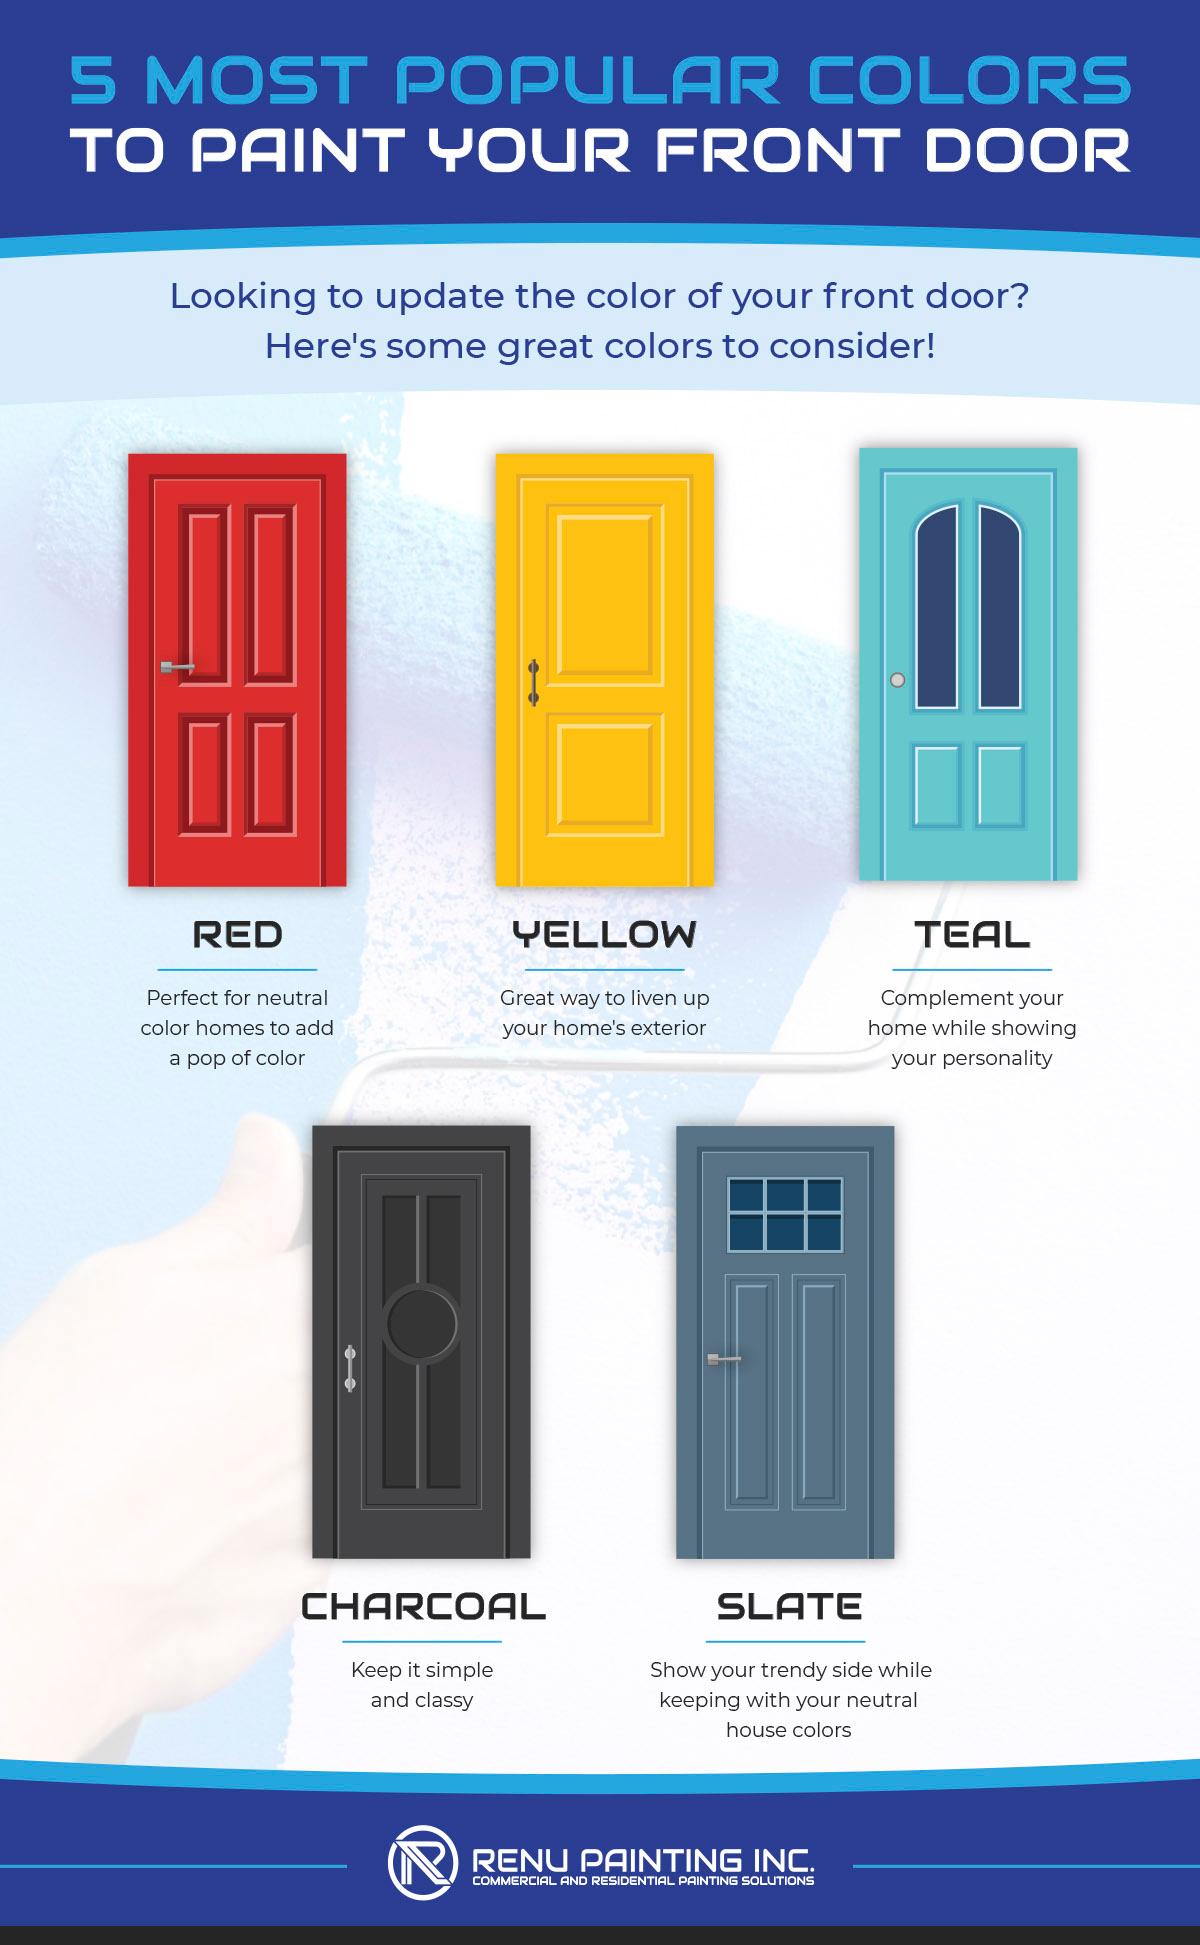 5-Most-Popular-Colors-to-Paint-Your-Front-Door-5f04d85392ee7.jpg